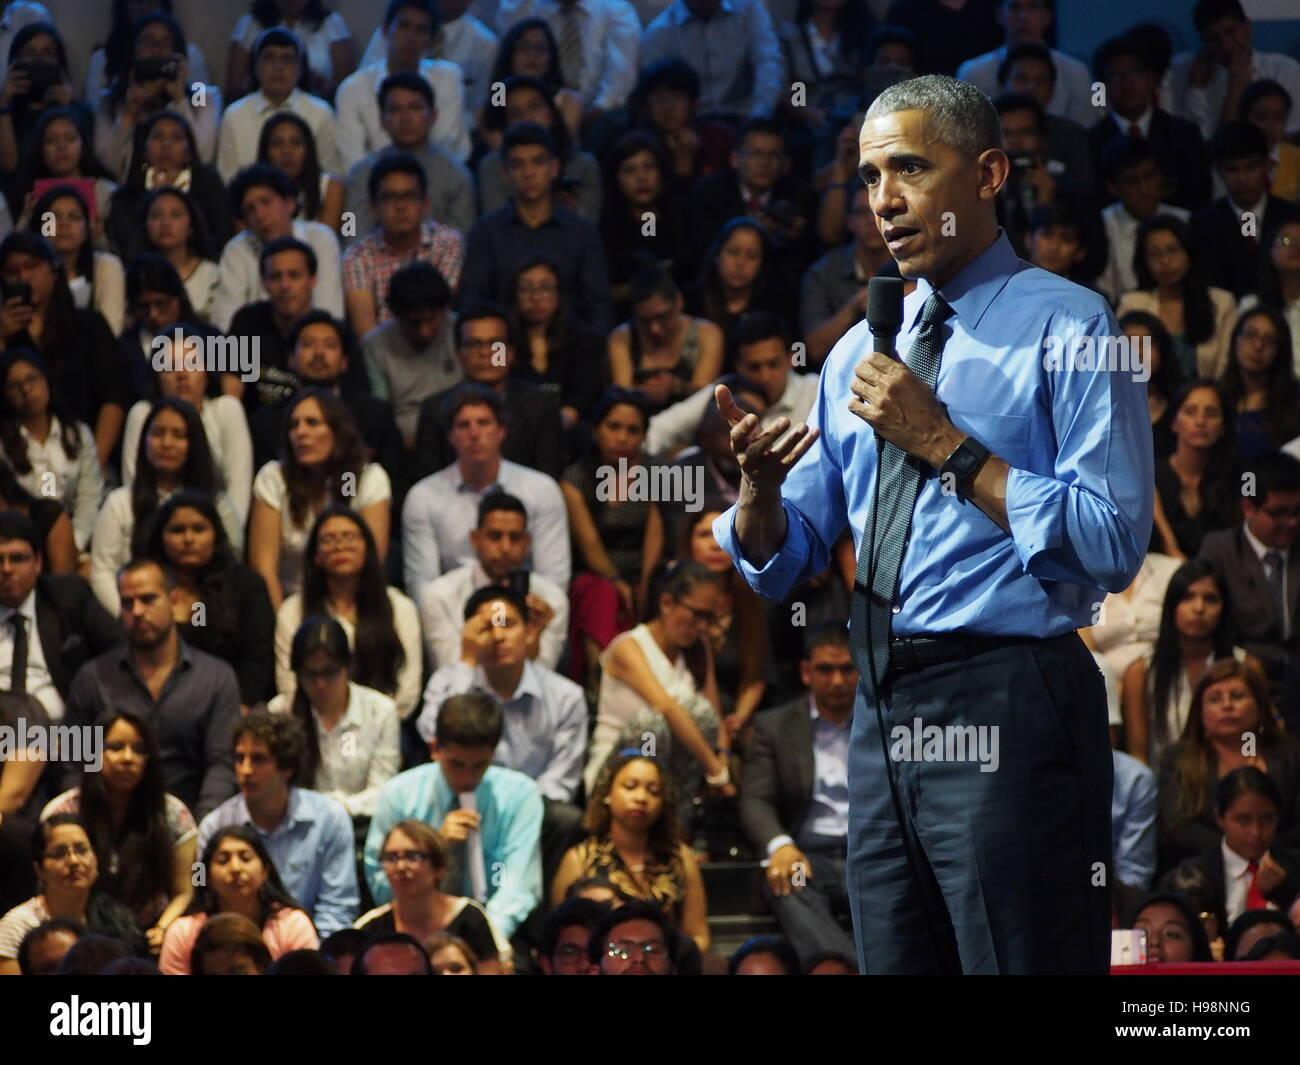 Lima, Peru. 19. November 2016. Barack Obama, Präsident der Vereinigten Staaten von Amerika, behandelt eine Stockbild